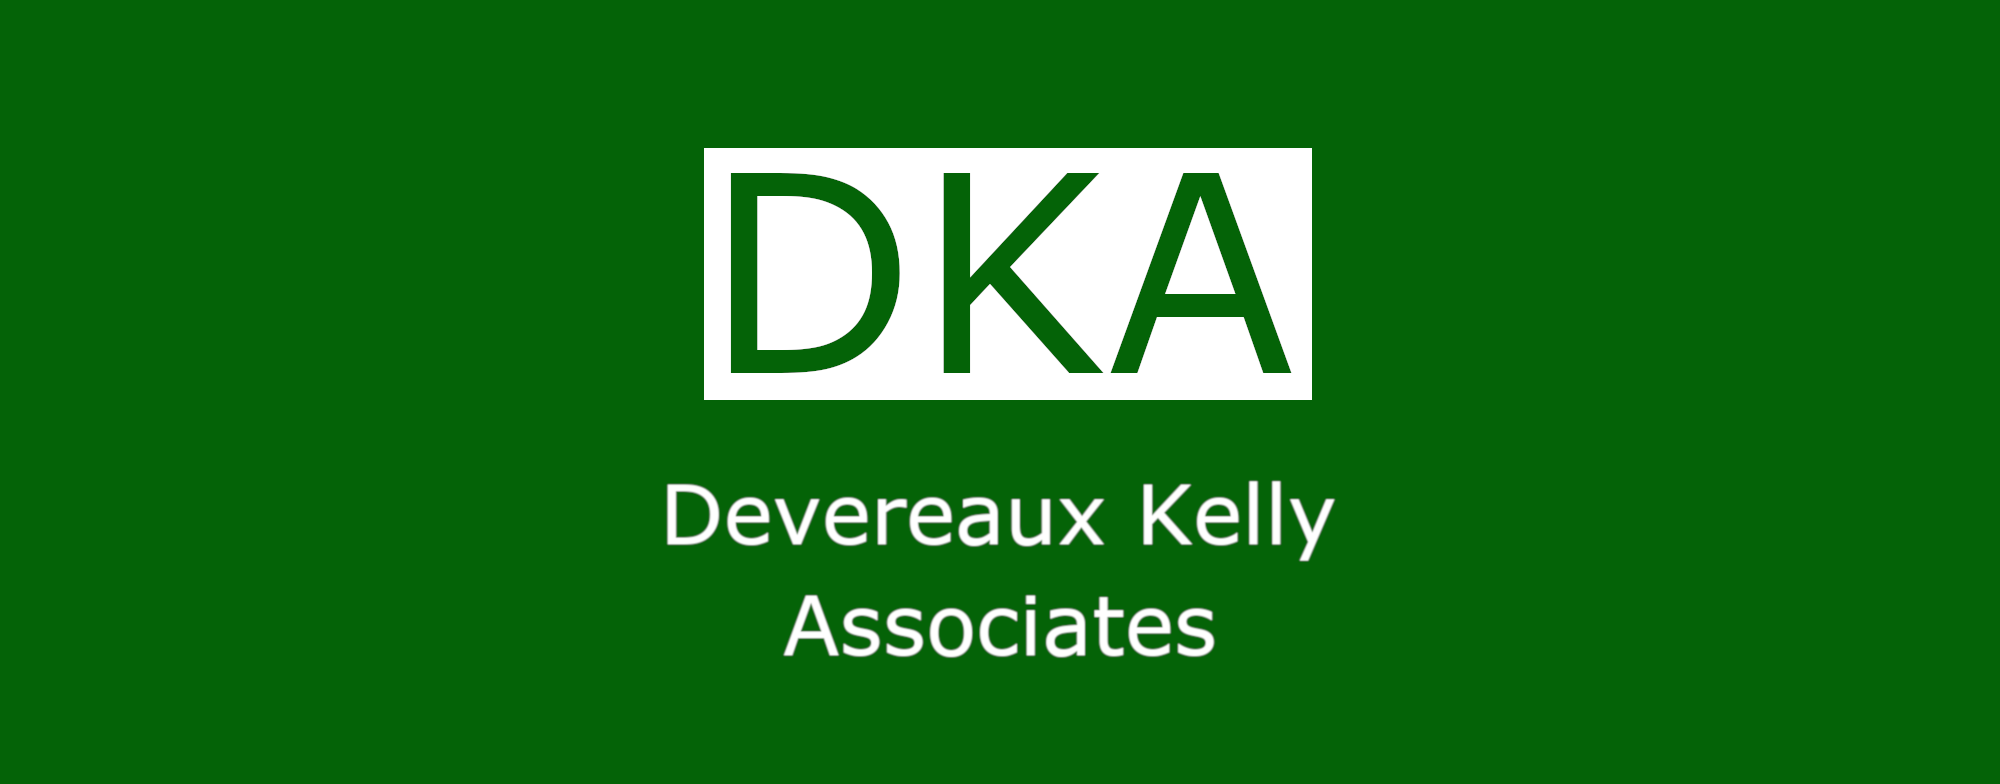 Devereaux Kelly Associates